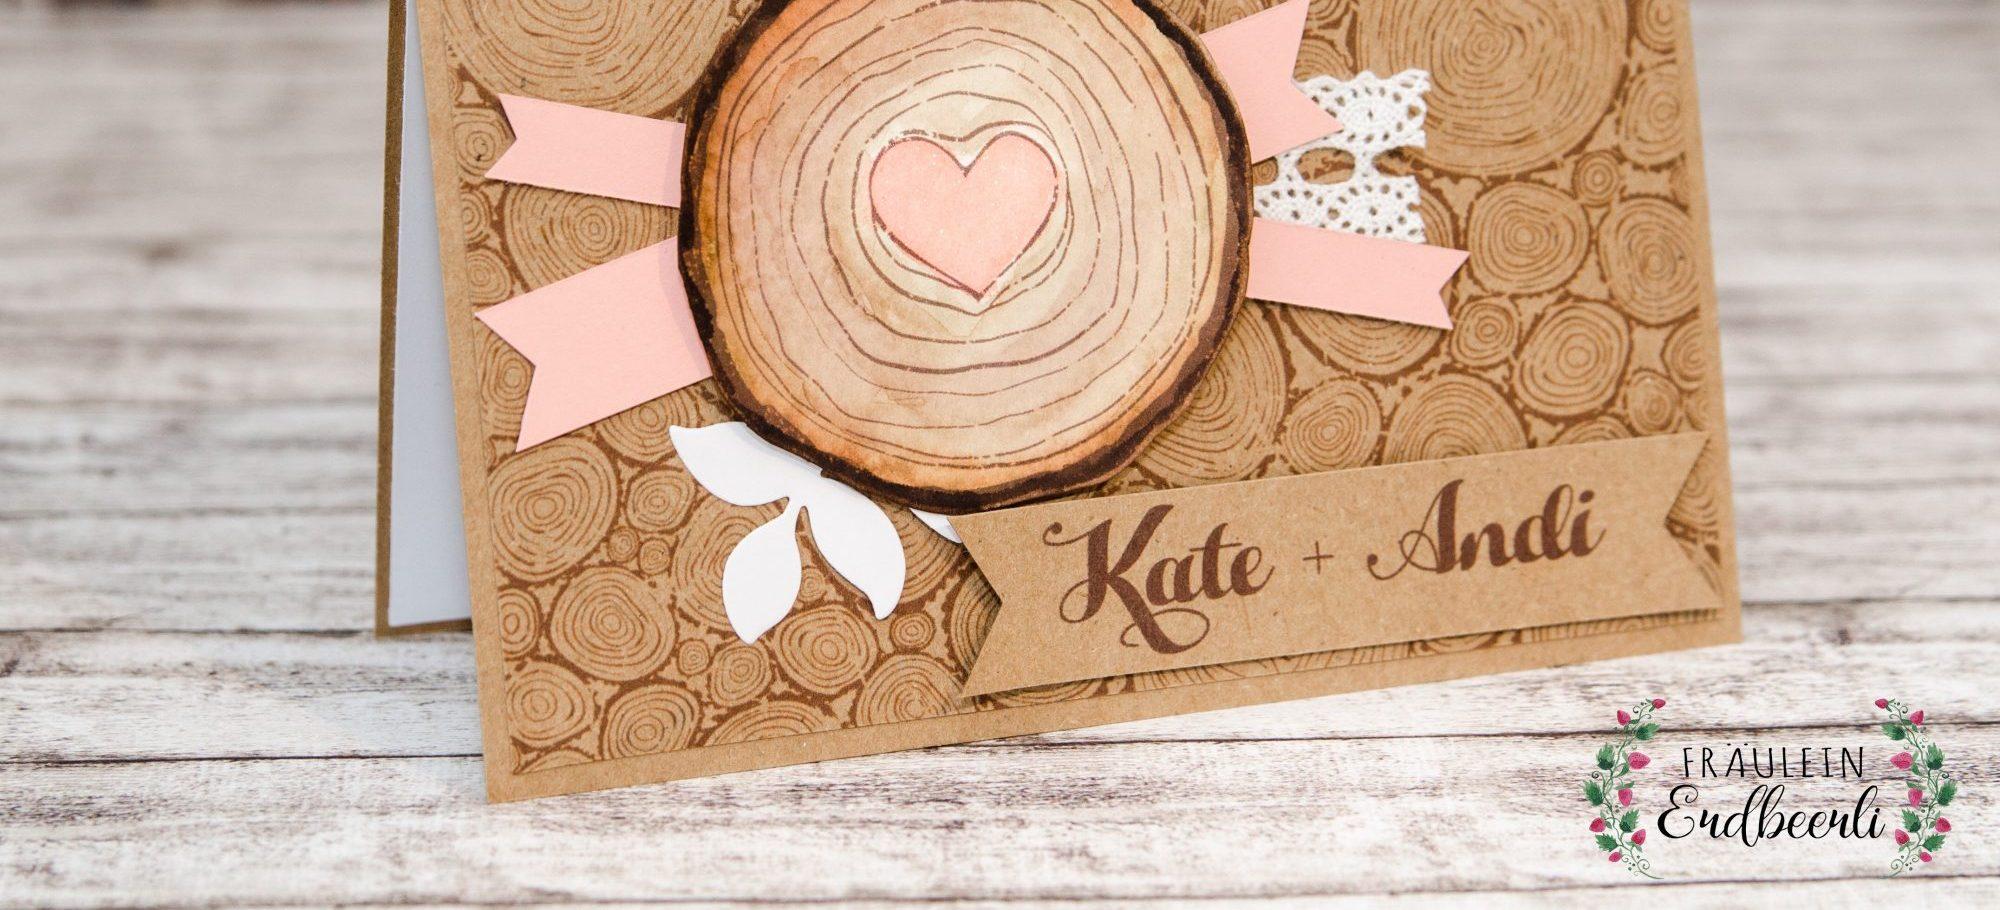 Glueckwunschkarte_Hochzeit_Holz_Baeume_Stampin'_Up!_Klagenfurt_Kaernten_Fraeulein_Erdbeerli